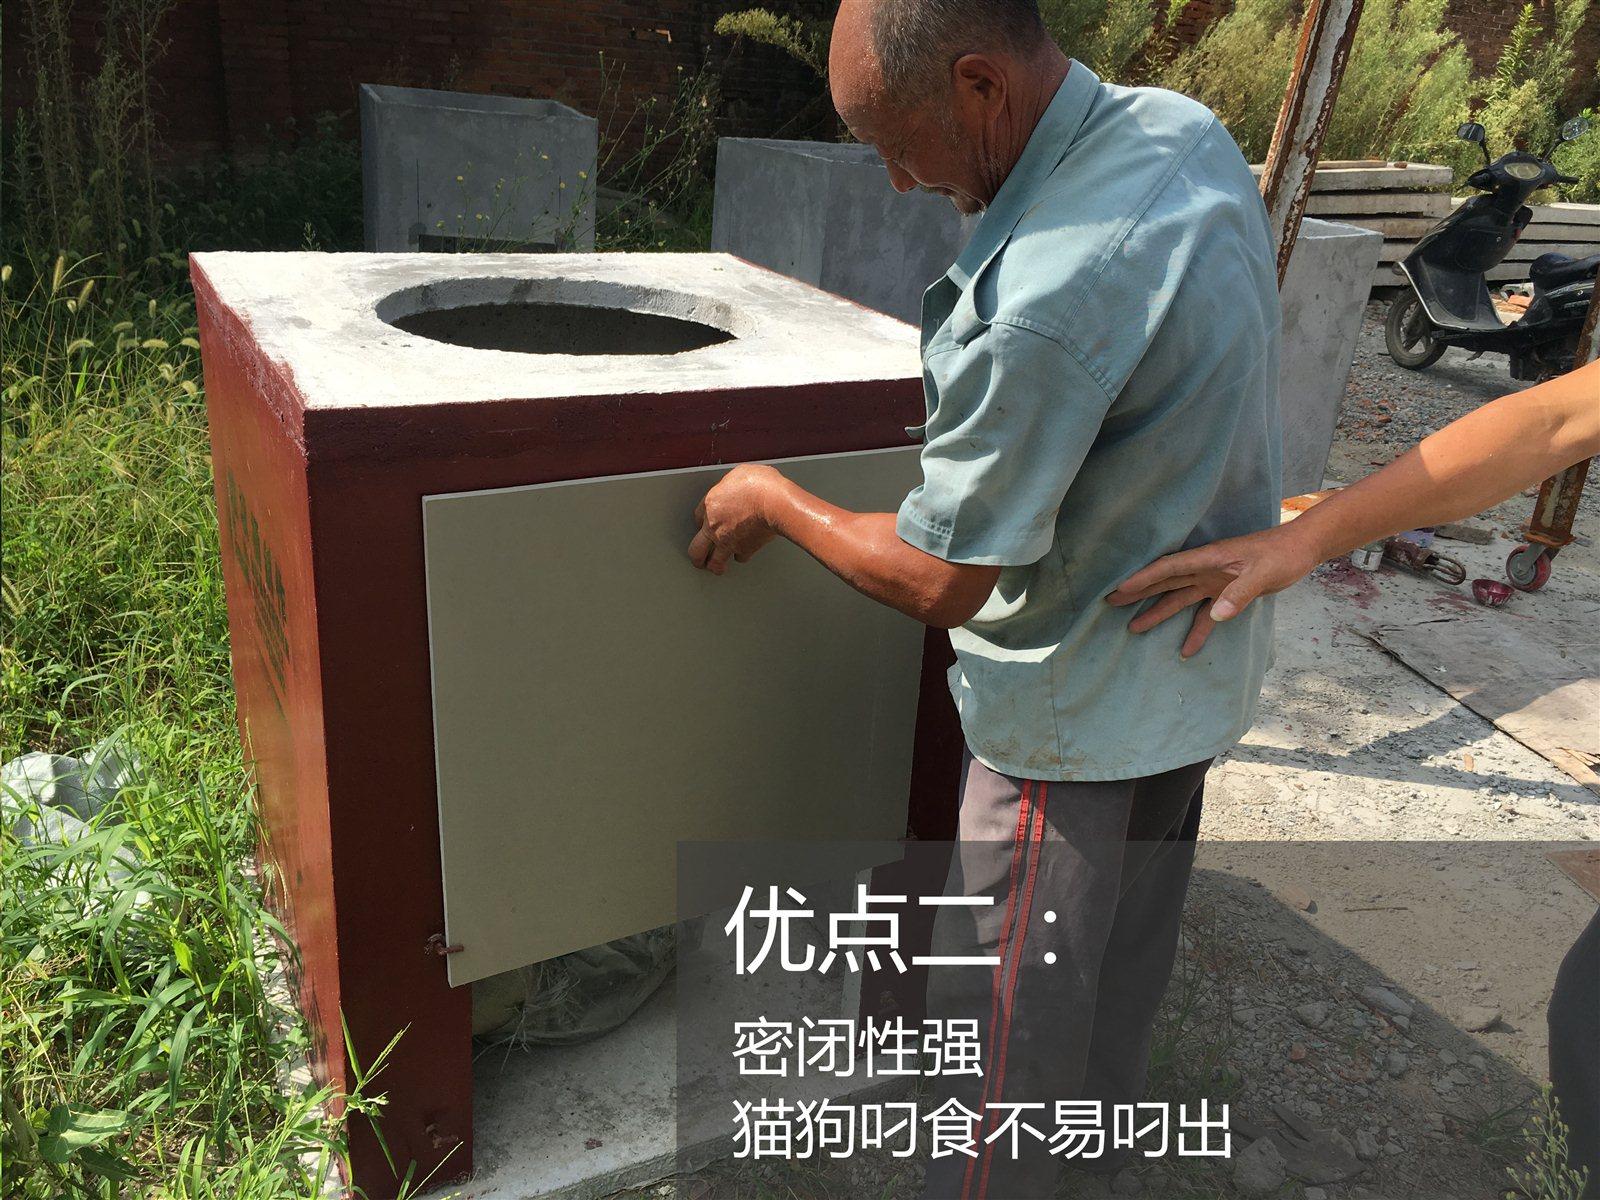 定制垃圾桶 建设新农村